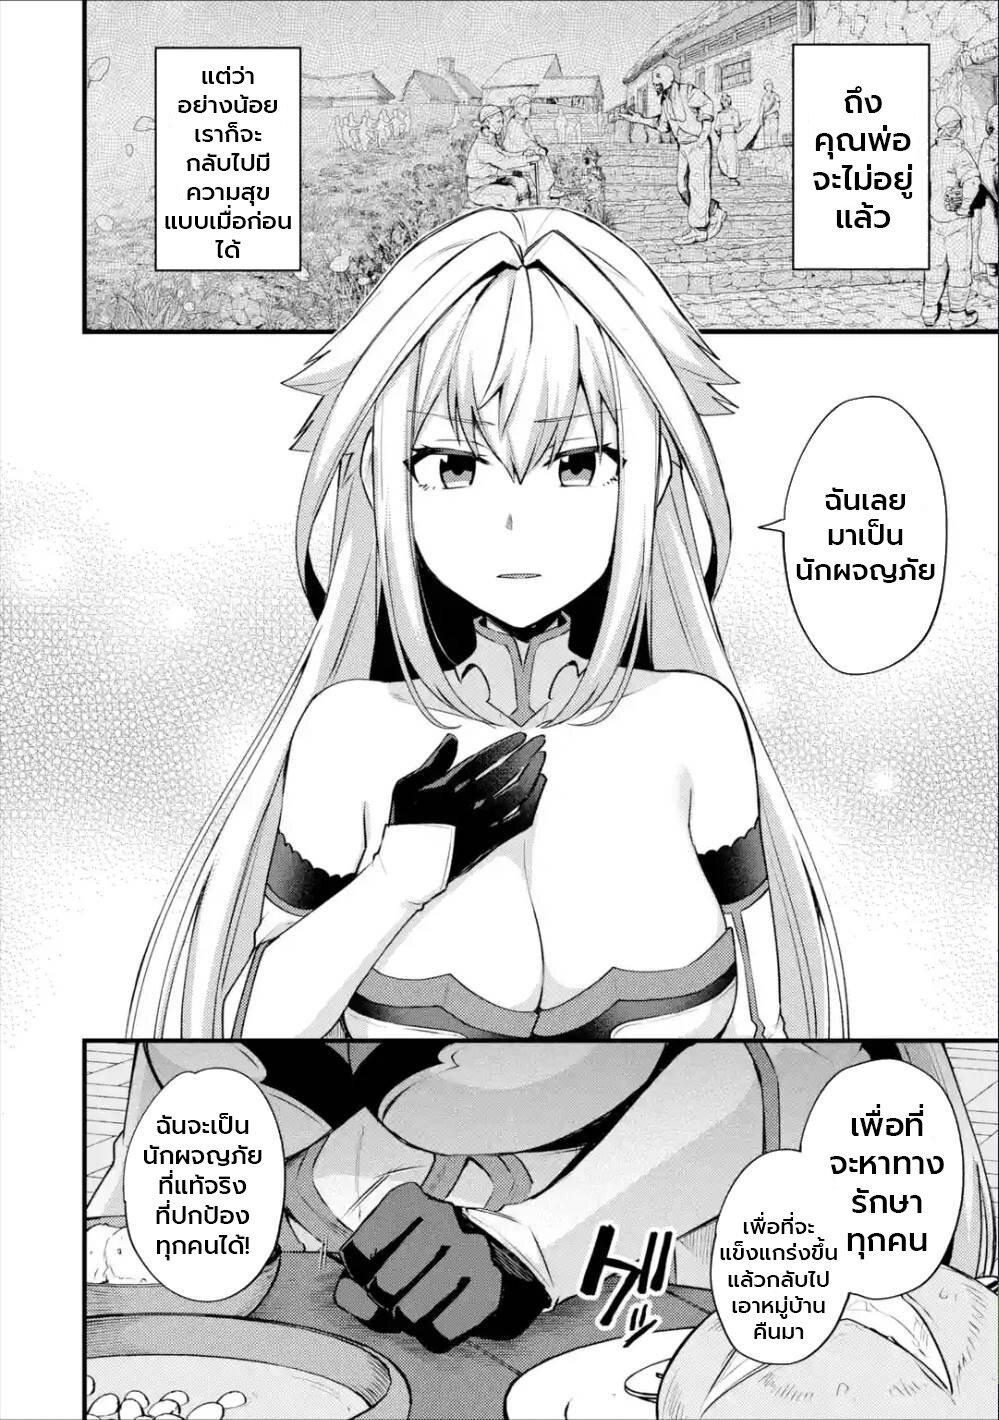 อ่านการ์ตูน Nido Tensei Shita Shounen wa S Rank Boukensha Toshite Heion ni Sugosu-zense ga kenja de eiyuu datta boku wa raisede wa jimini ikiru ตอนที่ 20 หน้าที่ 21